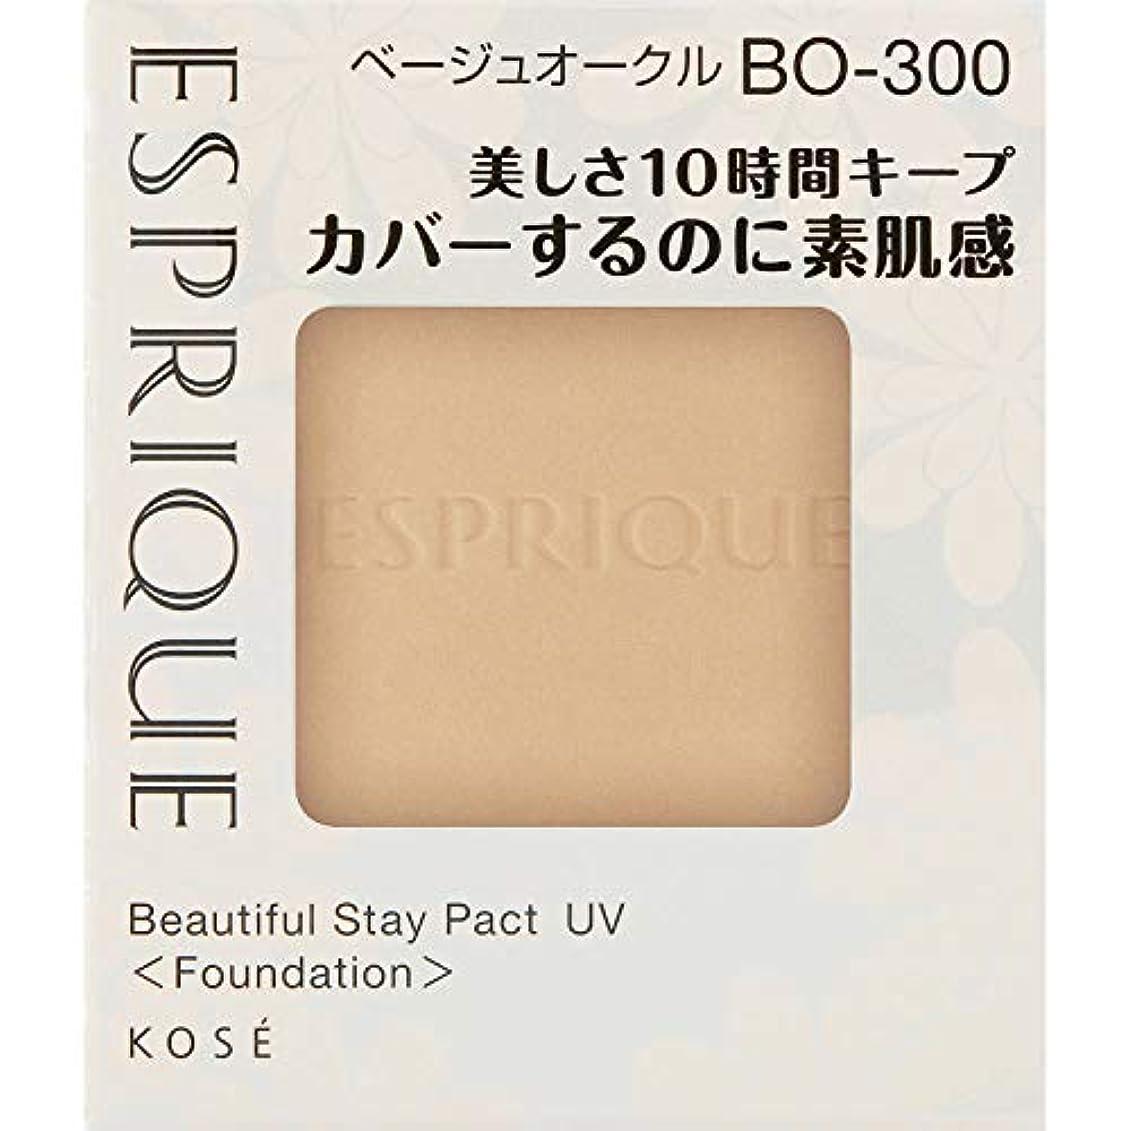 波紋貼り直すランクエスプリーク カバーするのに素肌感持続 パクト UV BO-300 ベージュオークル 9.3g